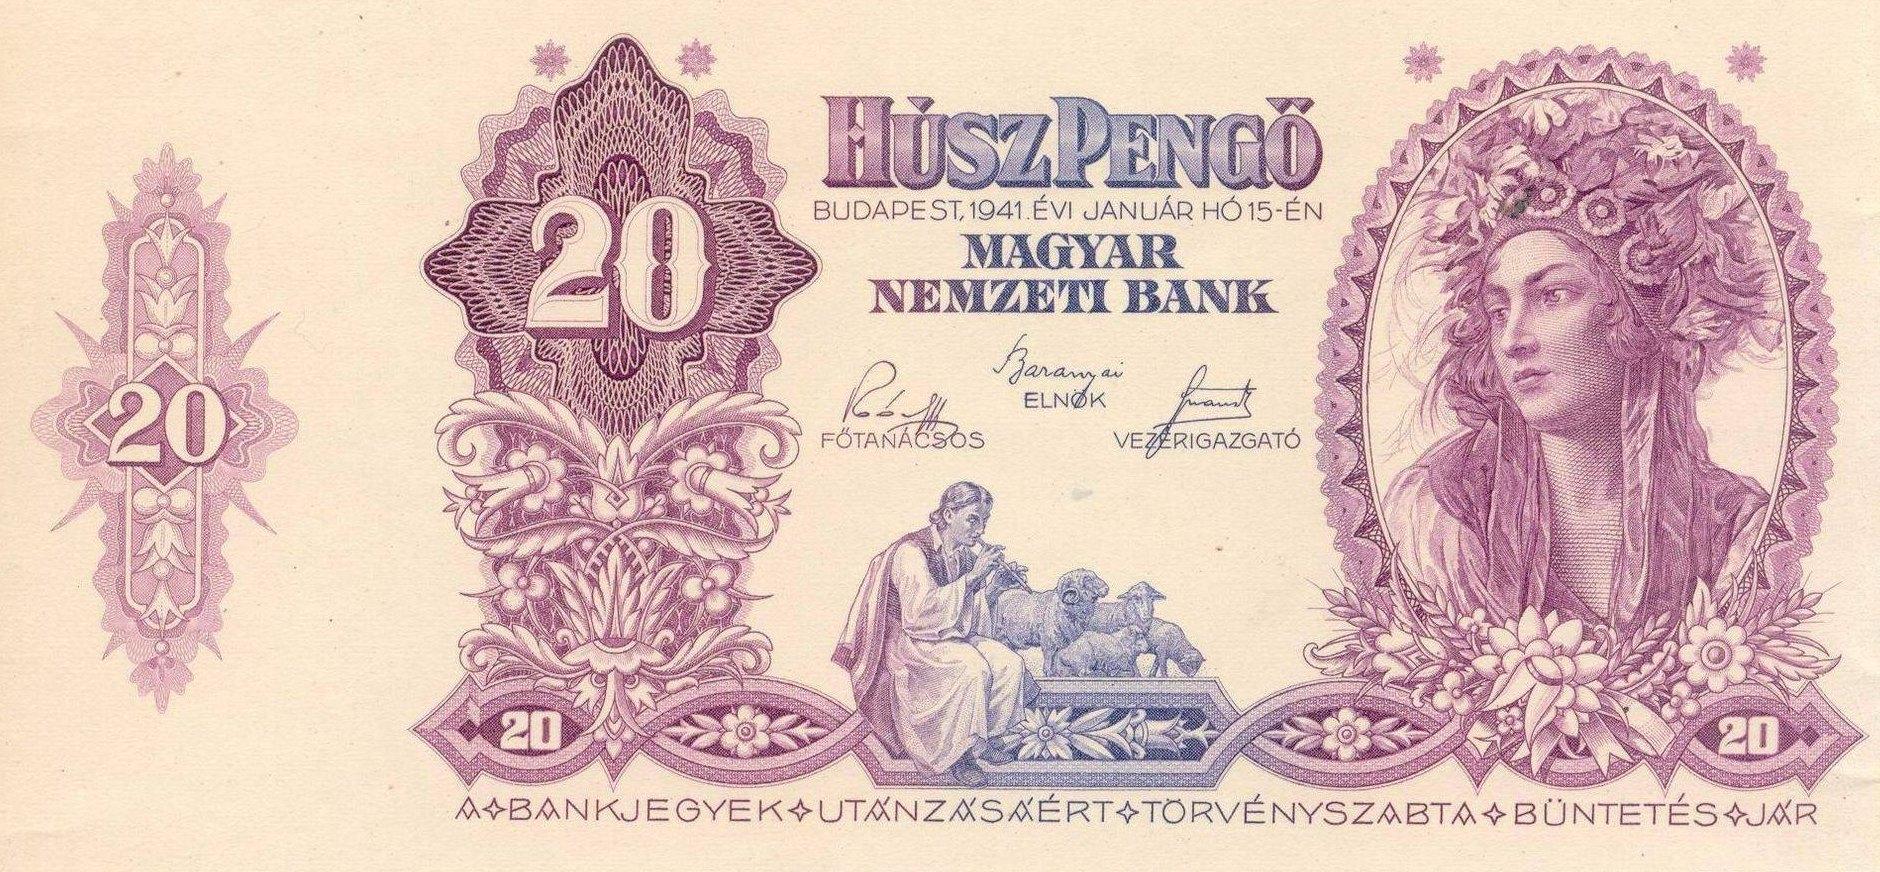 http://www.hamispenzek.hu/hirek/magyar-grafika-10-konyv-2-evfolyam-1958-6-szam-20-pengo-1941-probanyomat-tervezet-szinproba/magyar-grafika-10-2-evfolyam-1958-6-szam-20-pengo-1941-szinproba-15.jpg